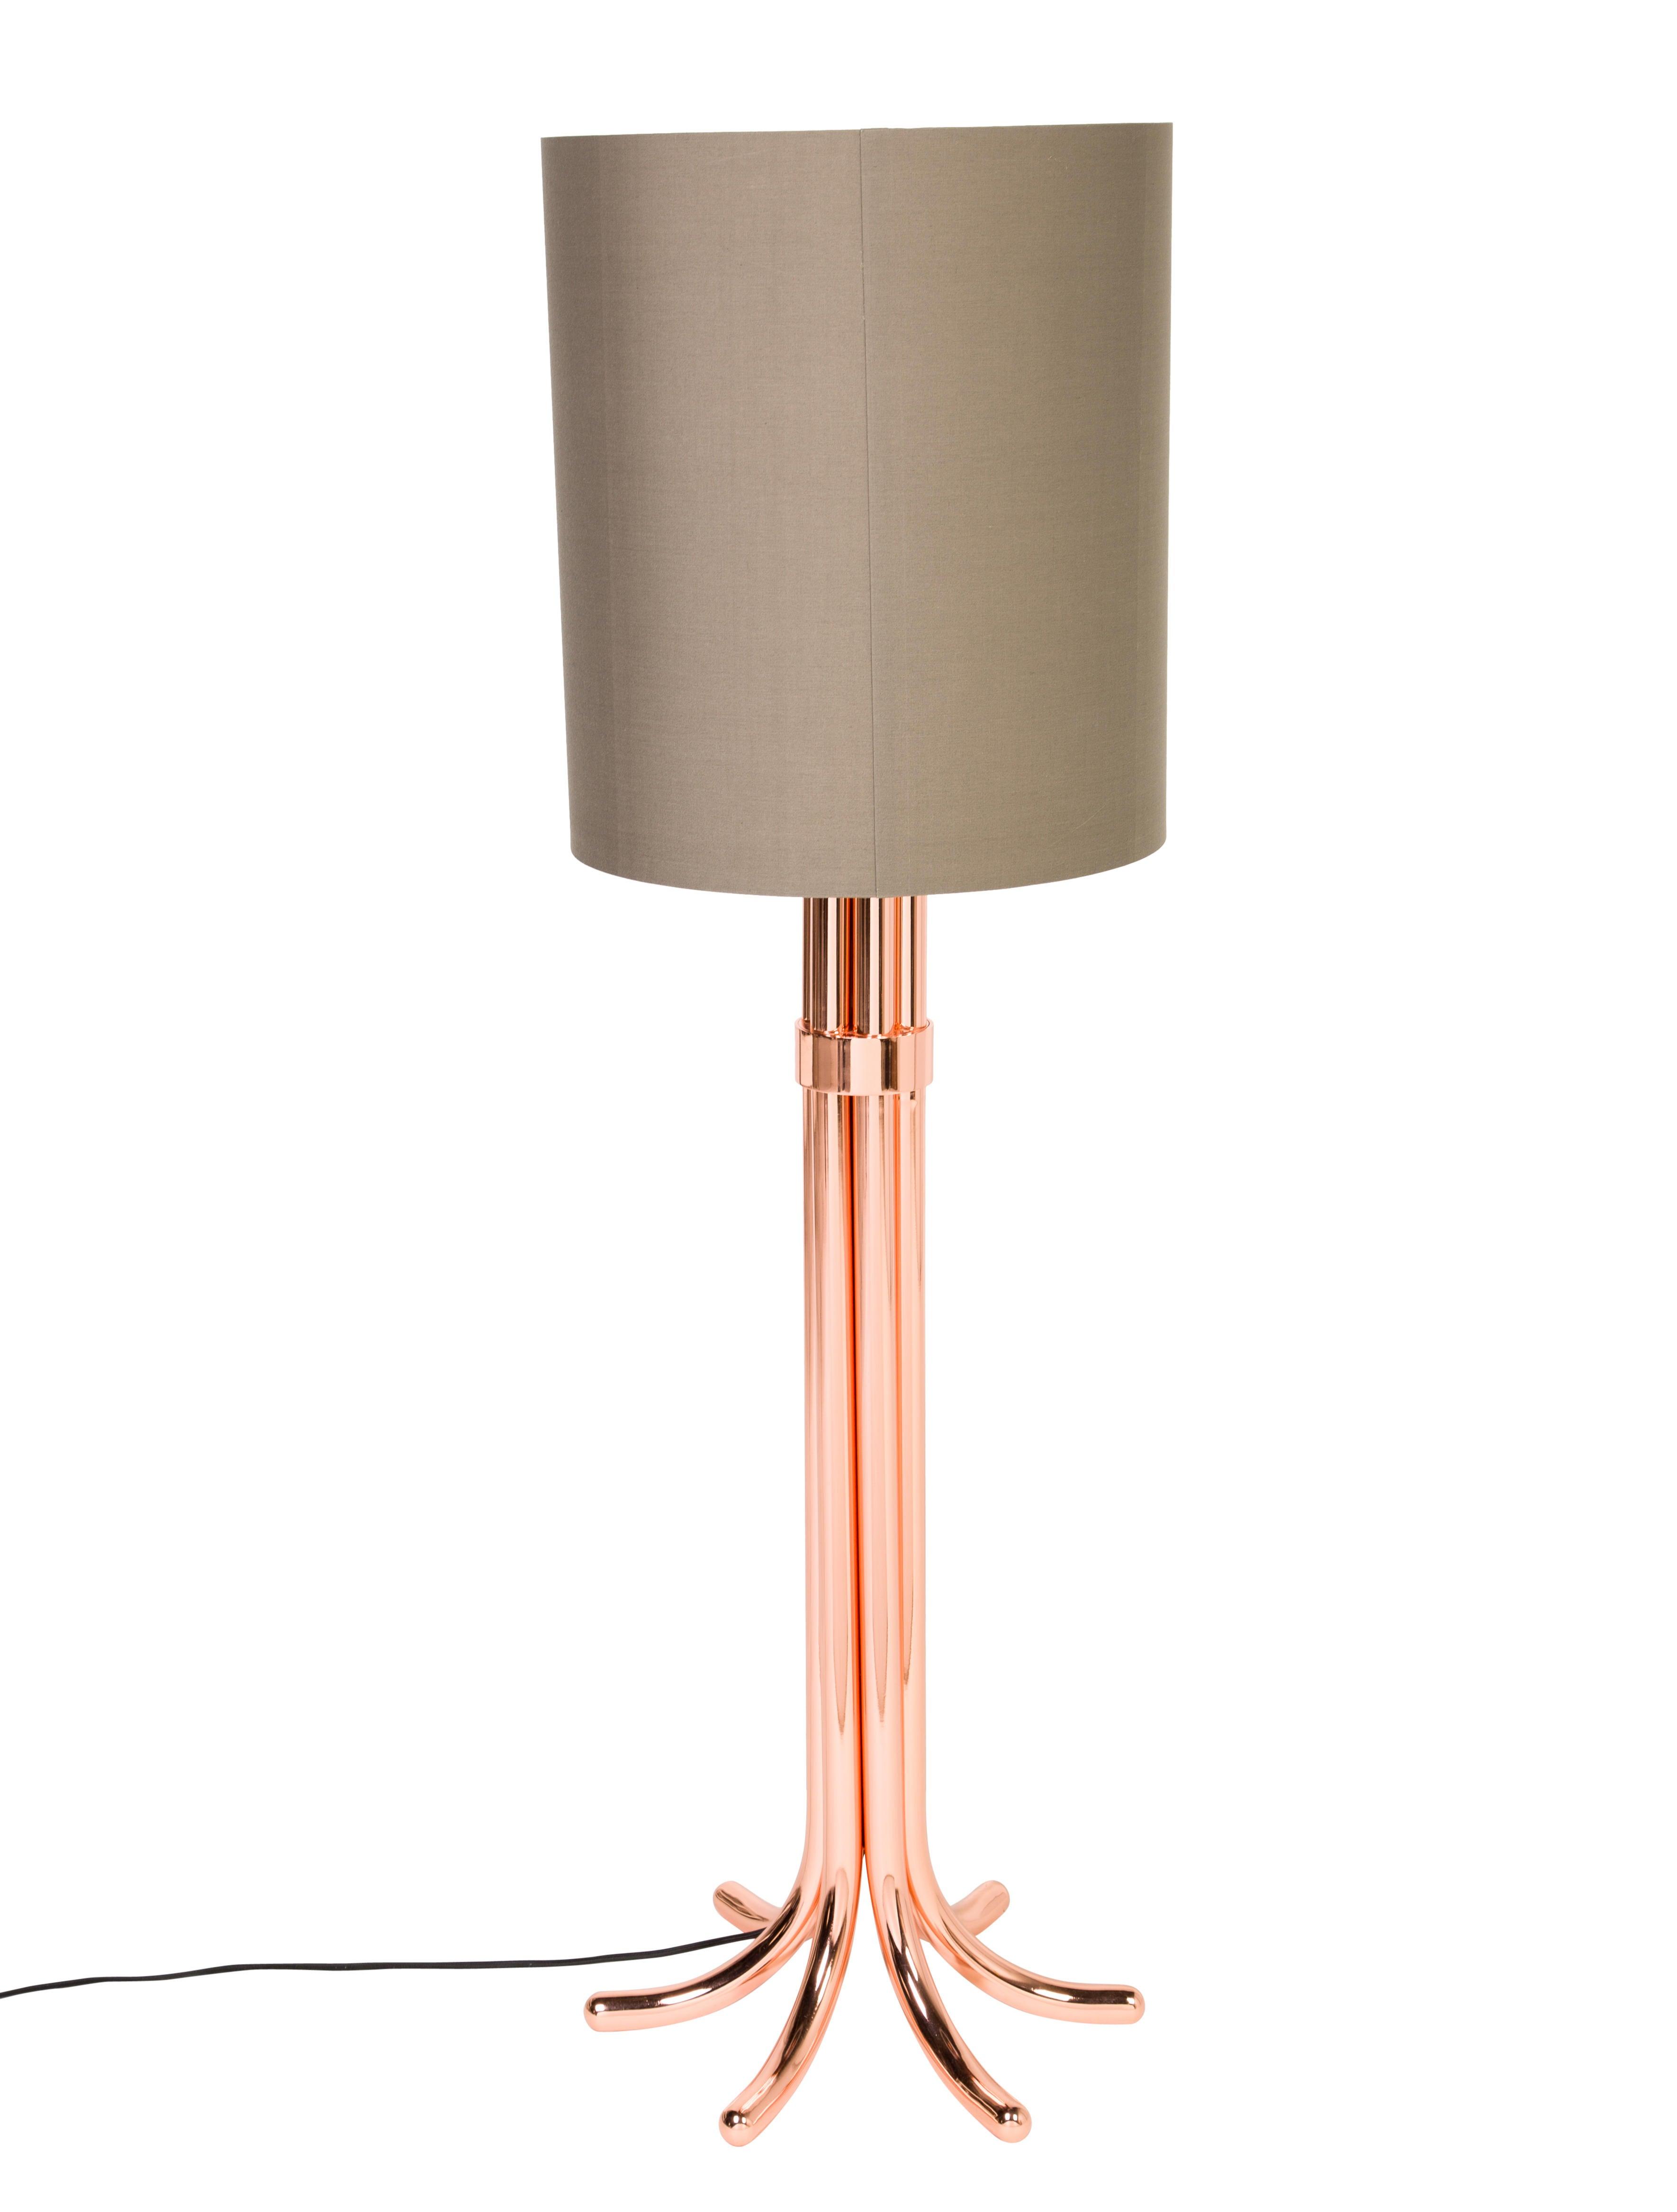 Jonathan Adler Ultra Floor Lamp - Lighting - JTADL20980 ...